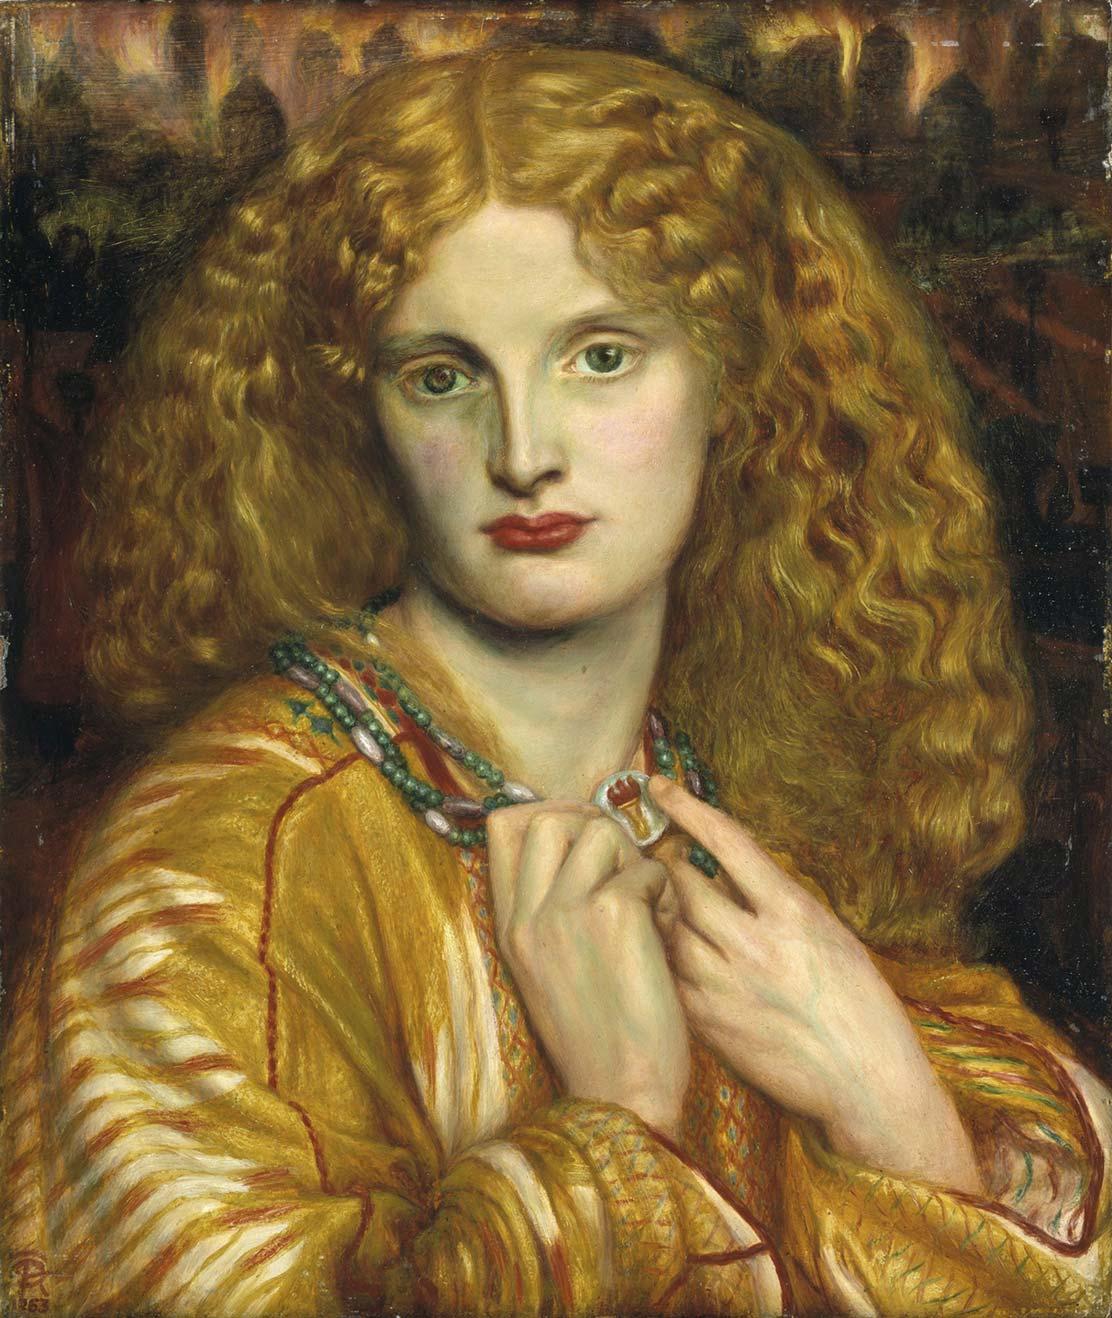 http://uploads2.wikipaintings.org/images/dante-gabriel-rossetti/helen-of-troy-1863.jpg